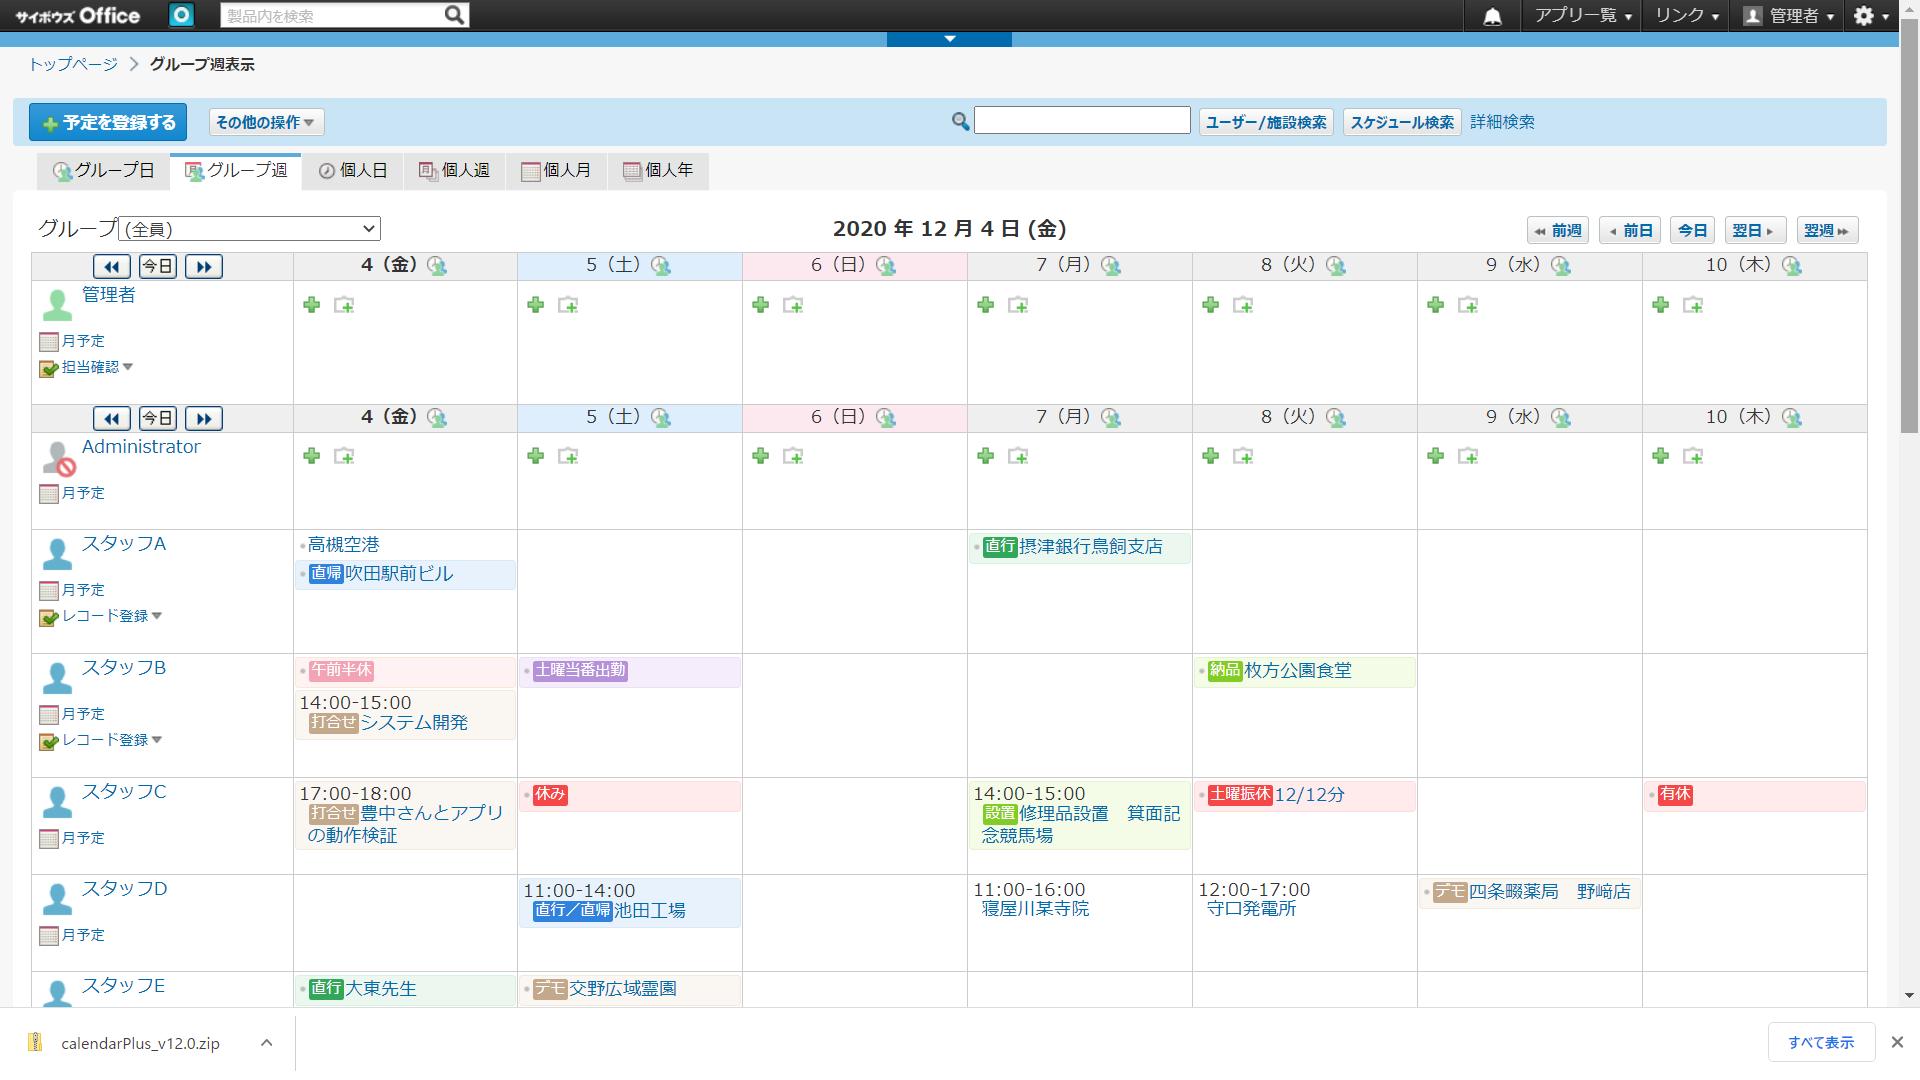 Cybozu Officeのスケジュールアプリの画面